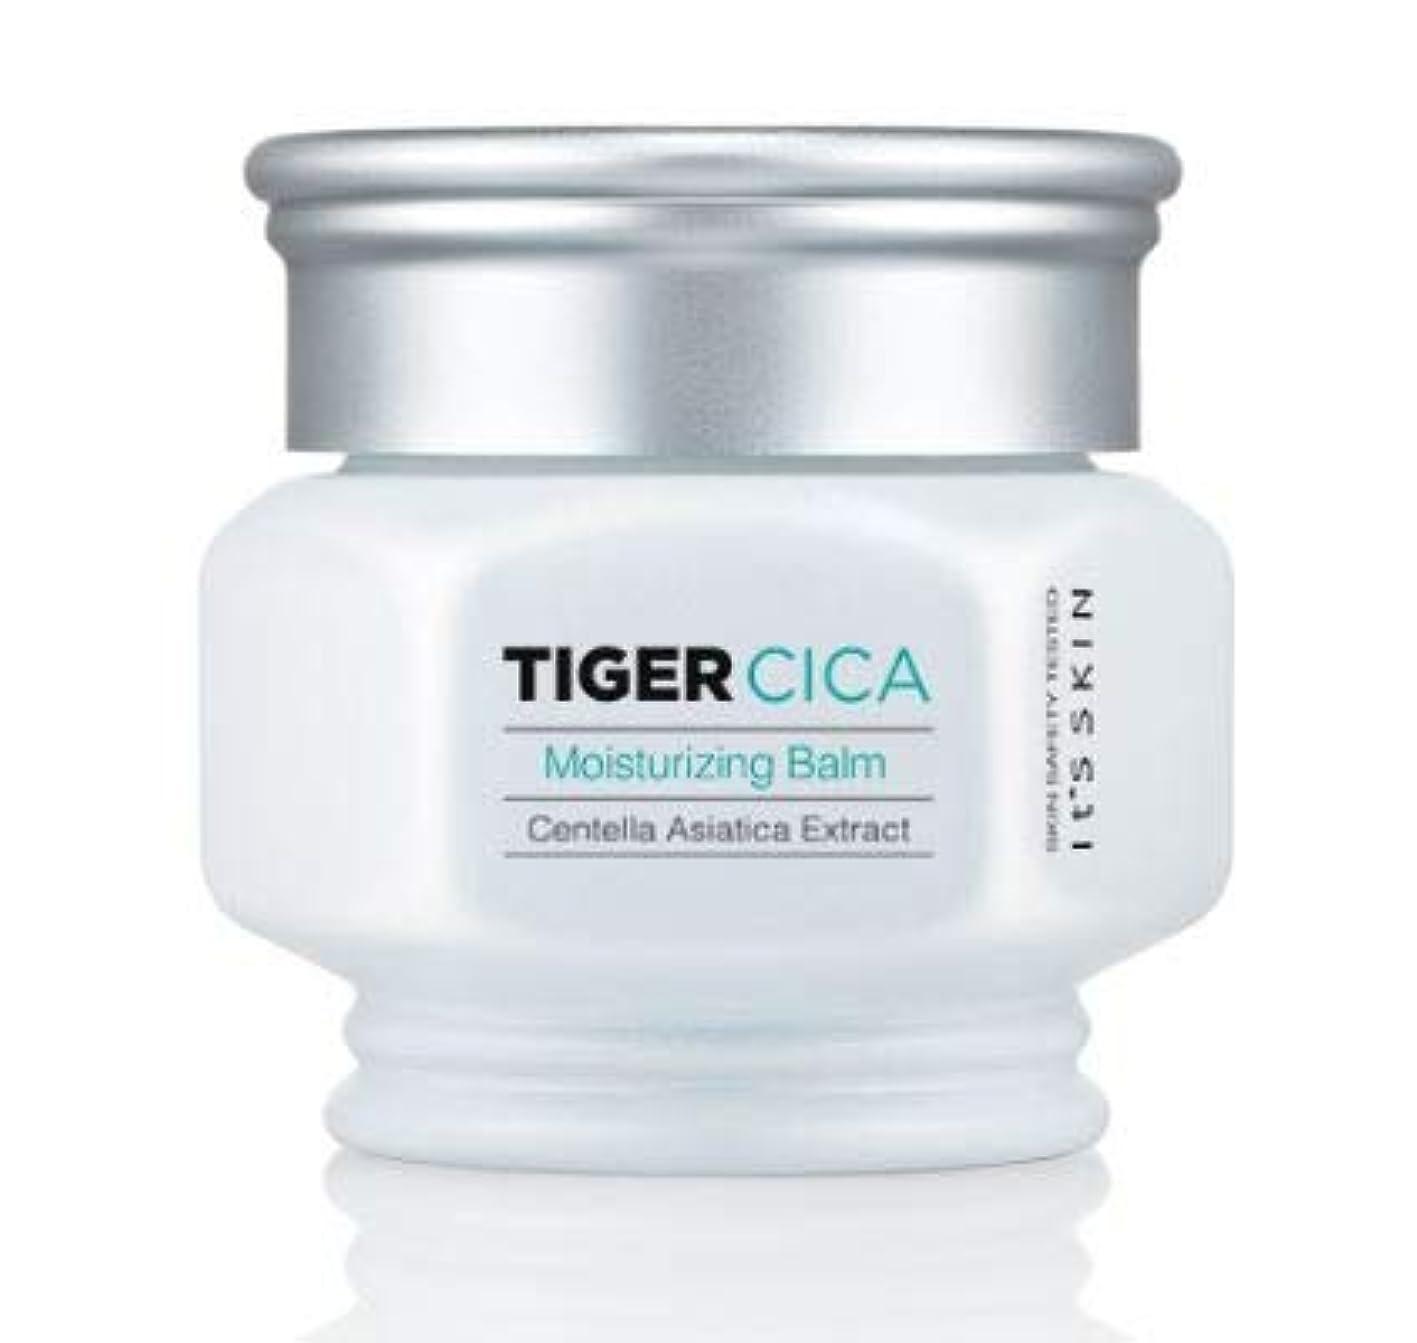 スーパーカール踏みつけ[It's Skin] Tiger Cica Moisturizing Balm 50ml /[イッツスキン] タイガーシカ モイスチャライジング バーム 50ml [並行輸入品]